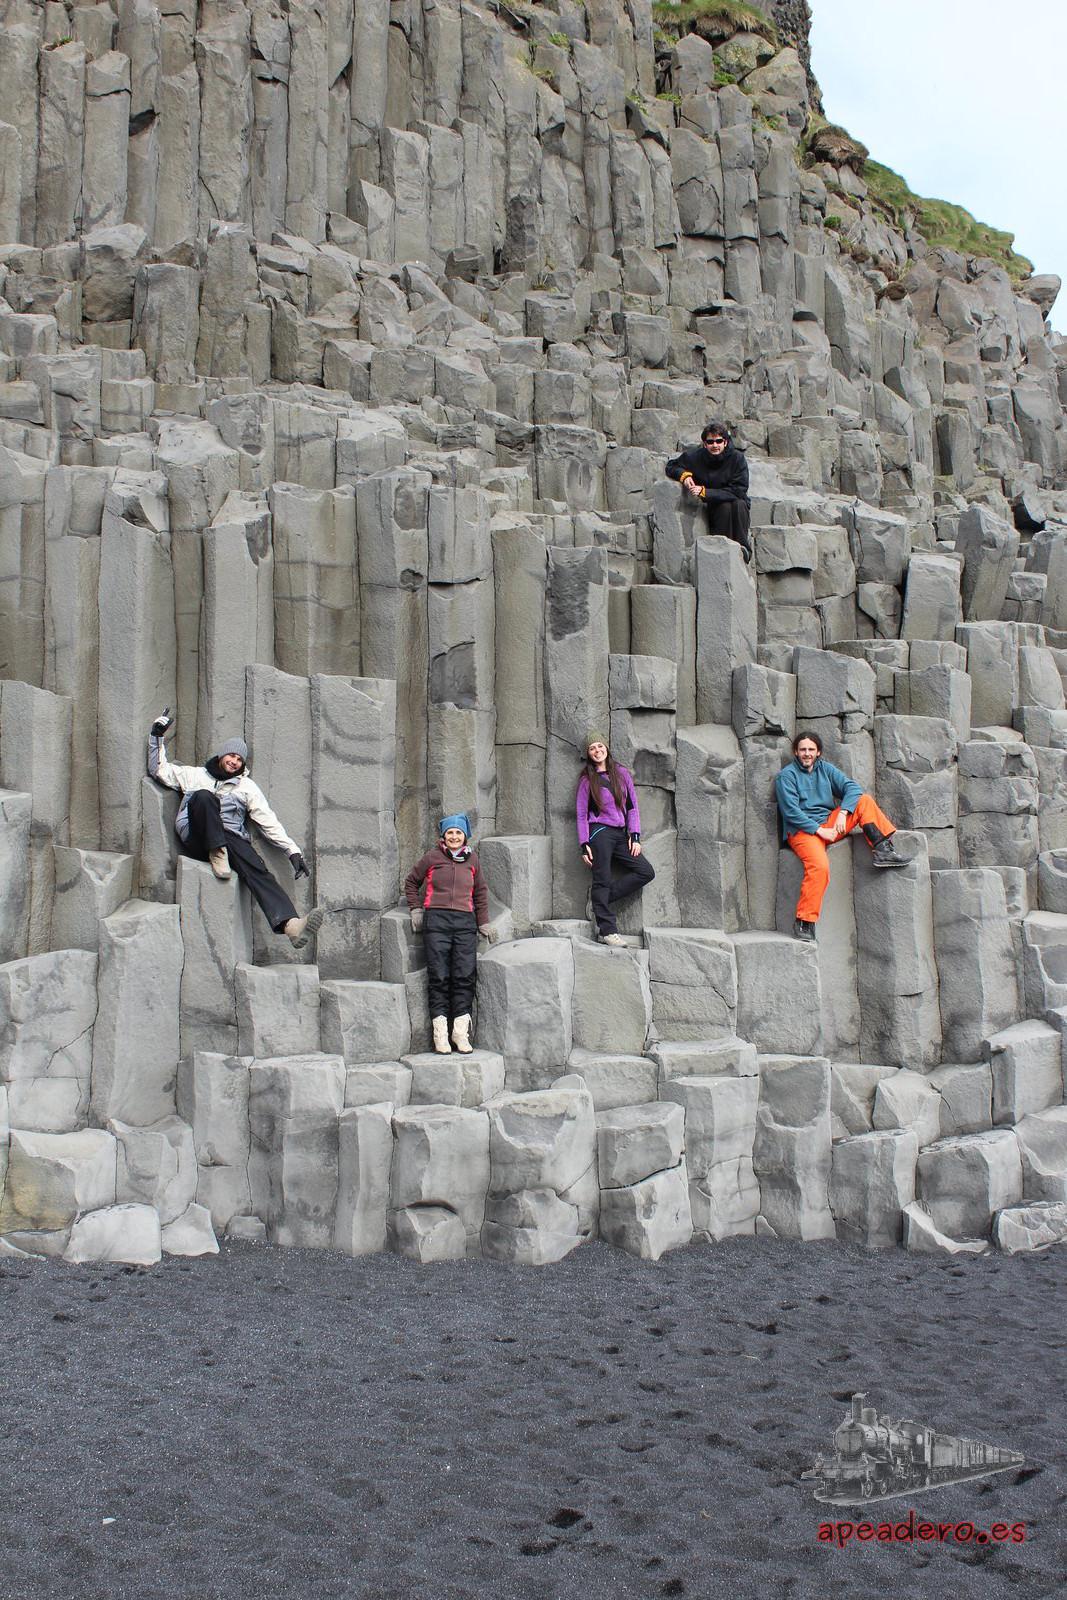 Las columnas de basalto son muy fotogénicas. En esta foto parecemos la portada de un disco de Parchís.